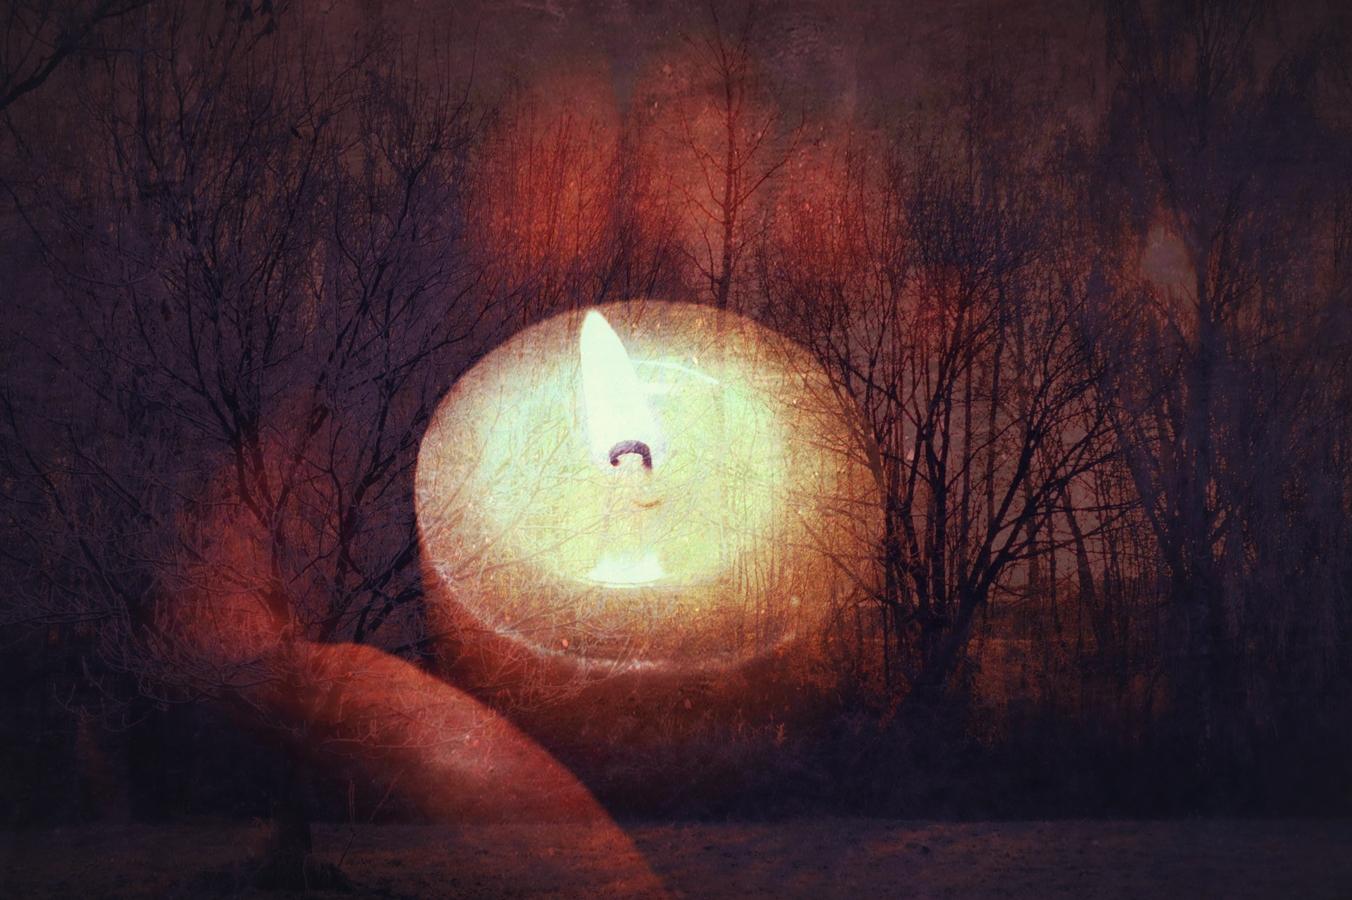 Buď vítán, kdo se světlem přicházíš.